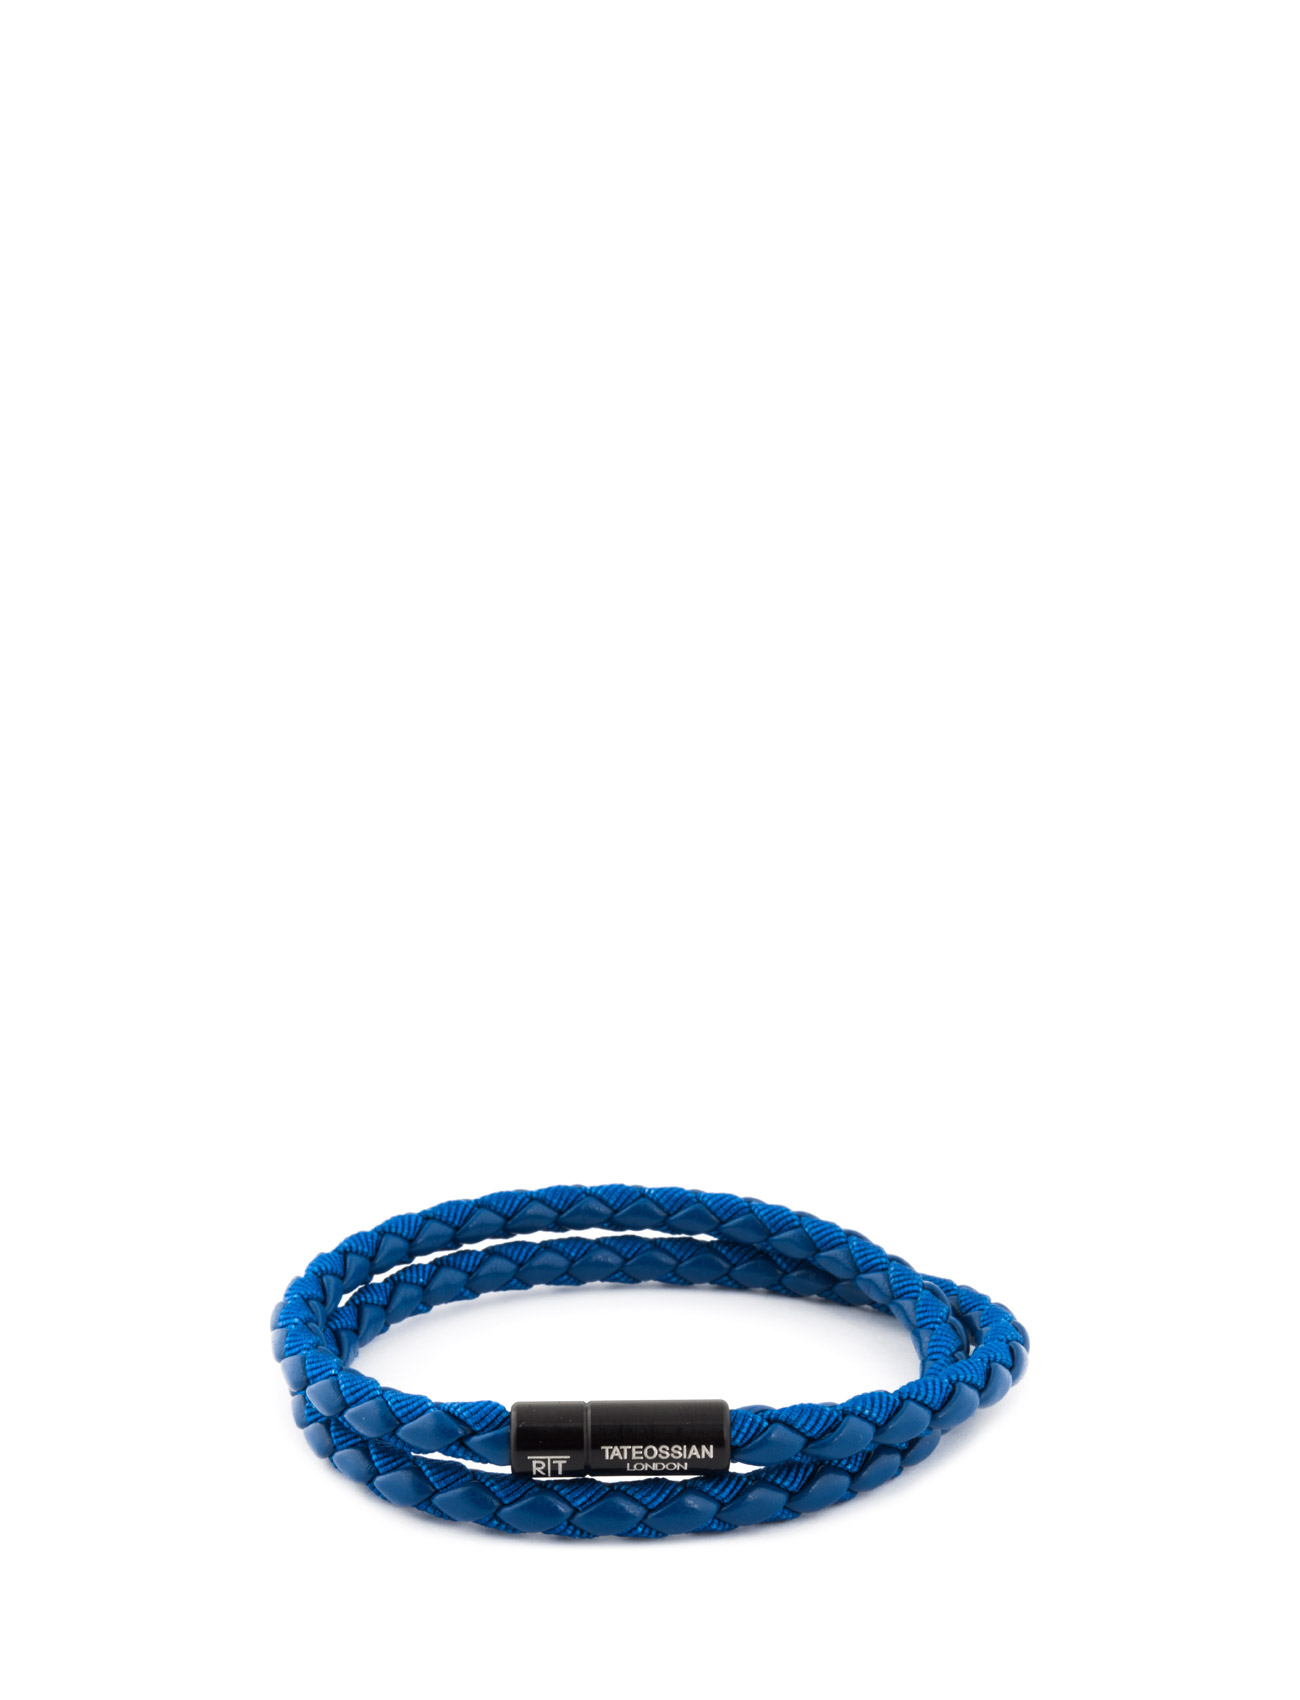 tateossian Tateossian chelsea bracelet på boozt.com dk